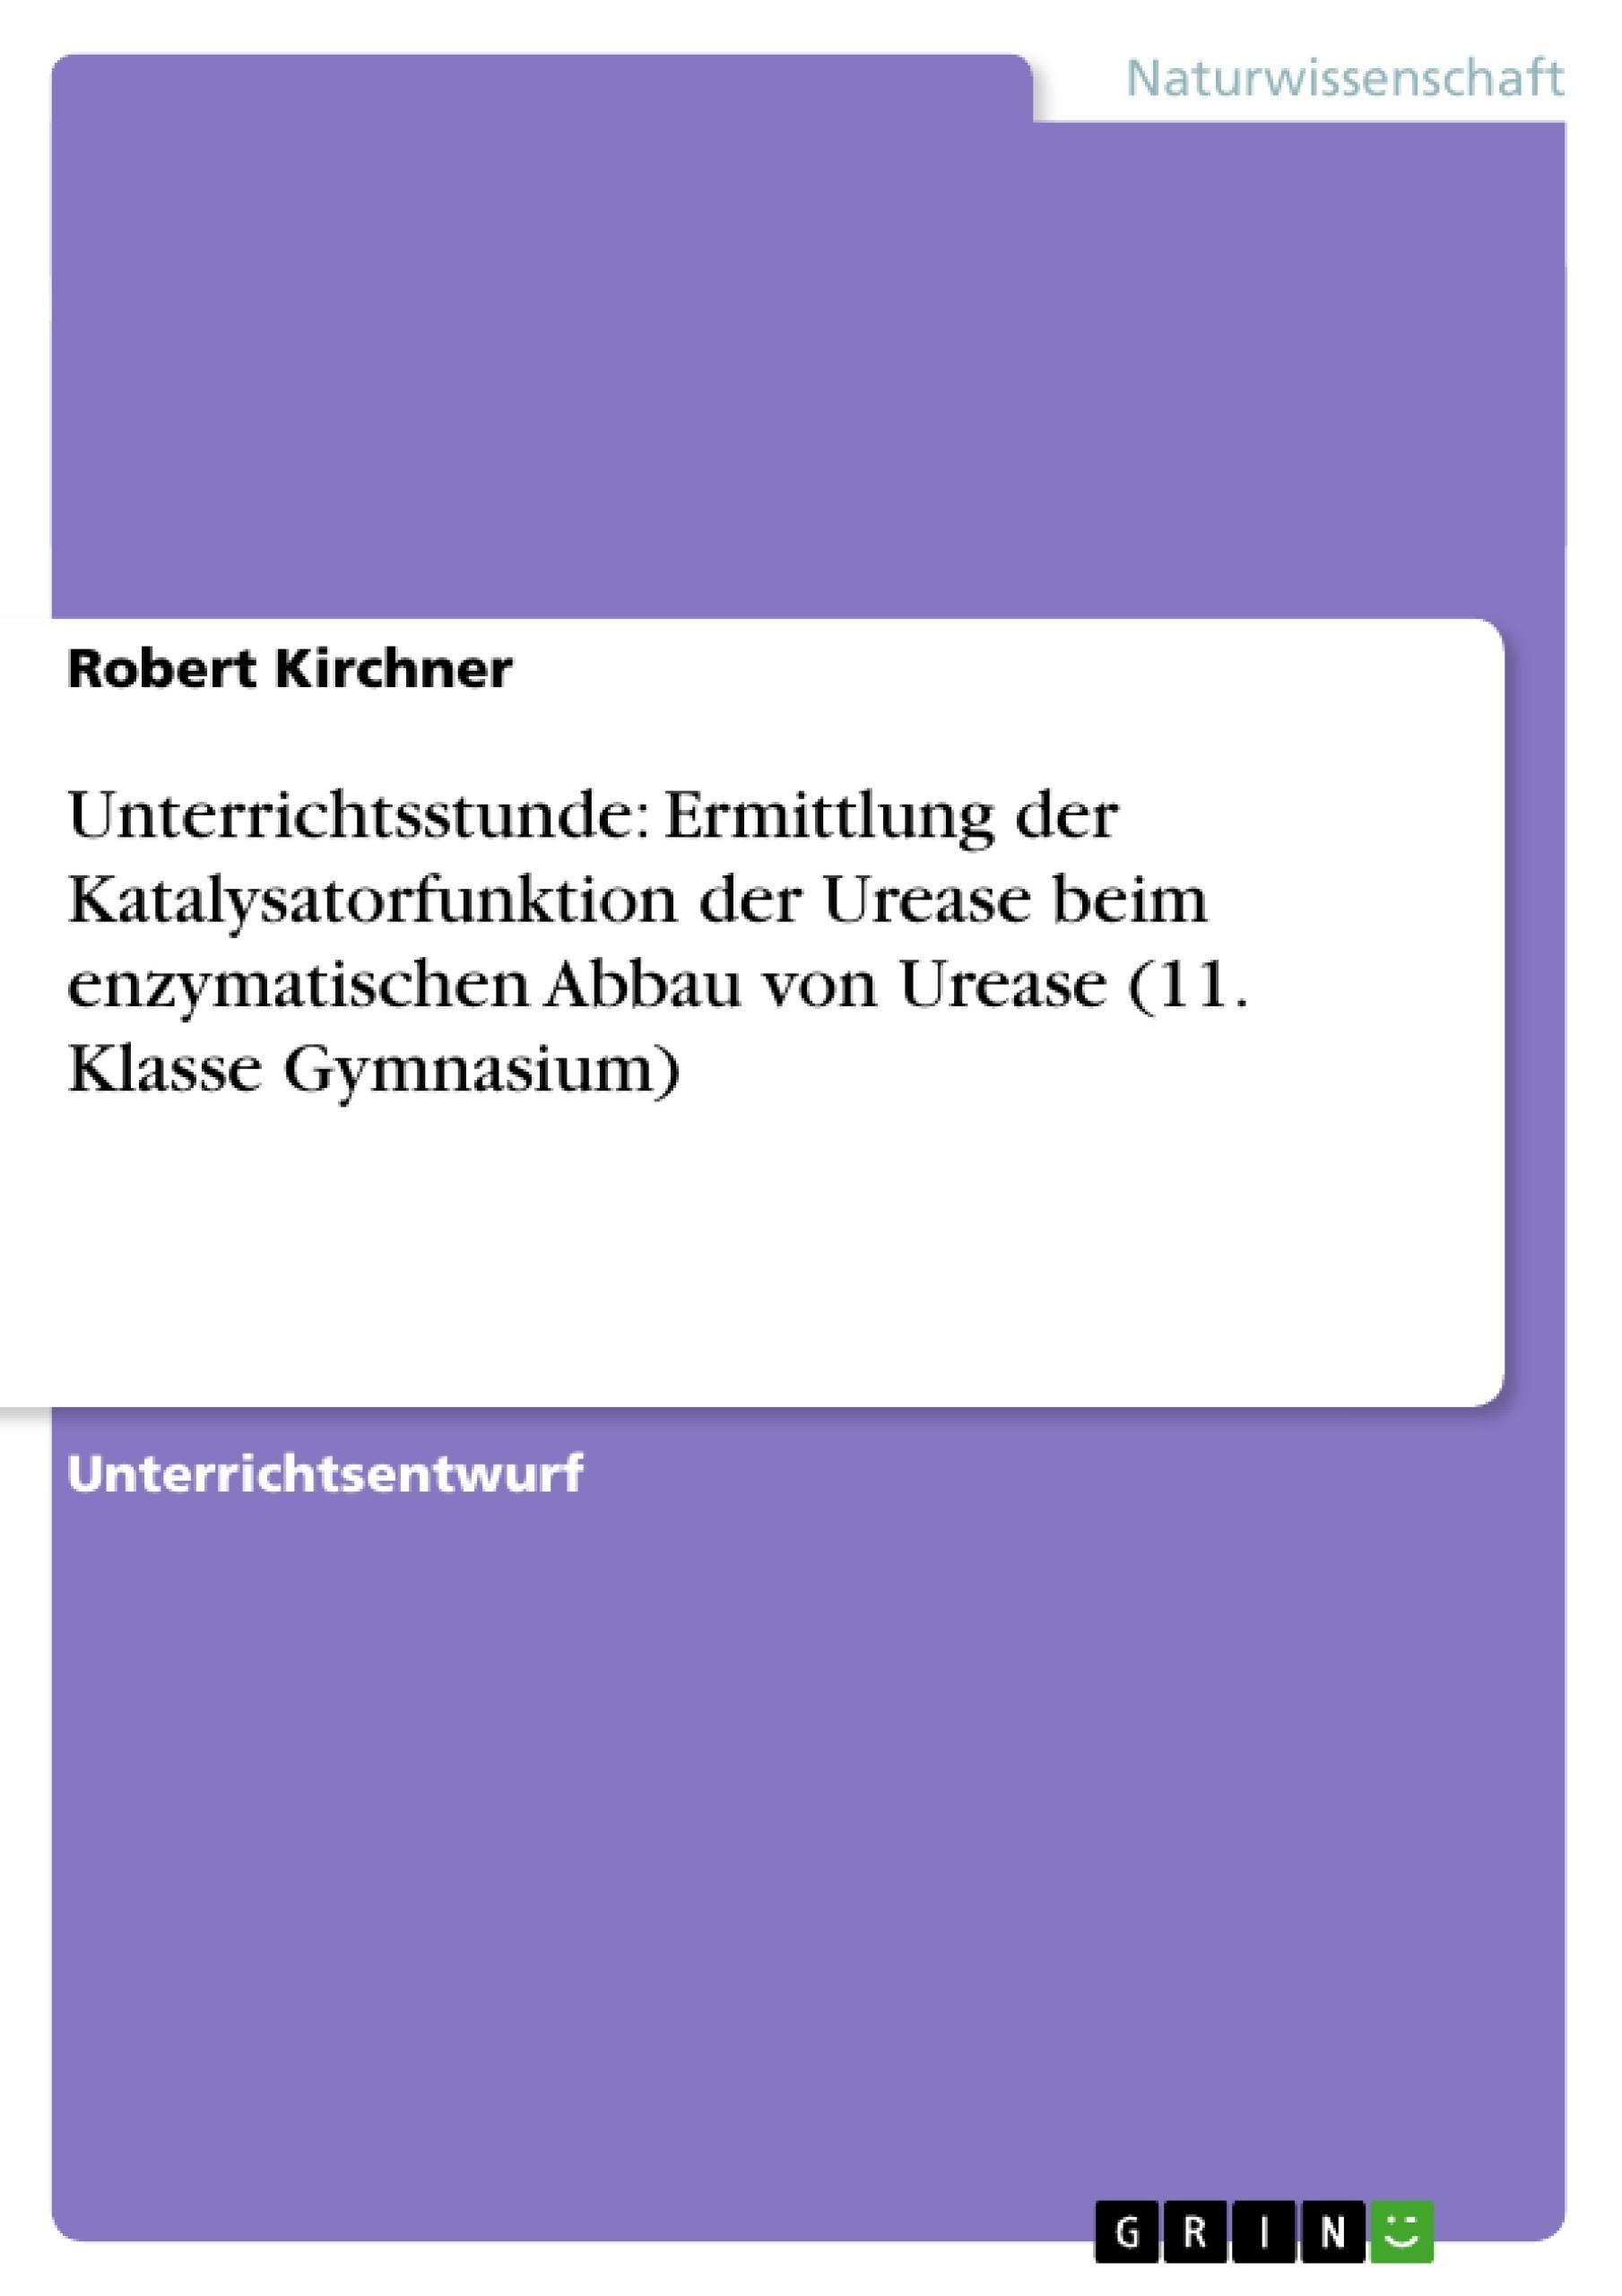 Unterrichtsstunde: Ermittlung der Katalysatorfunktion der Urease ...